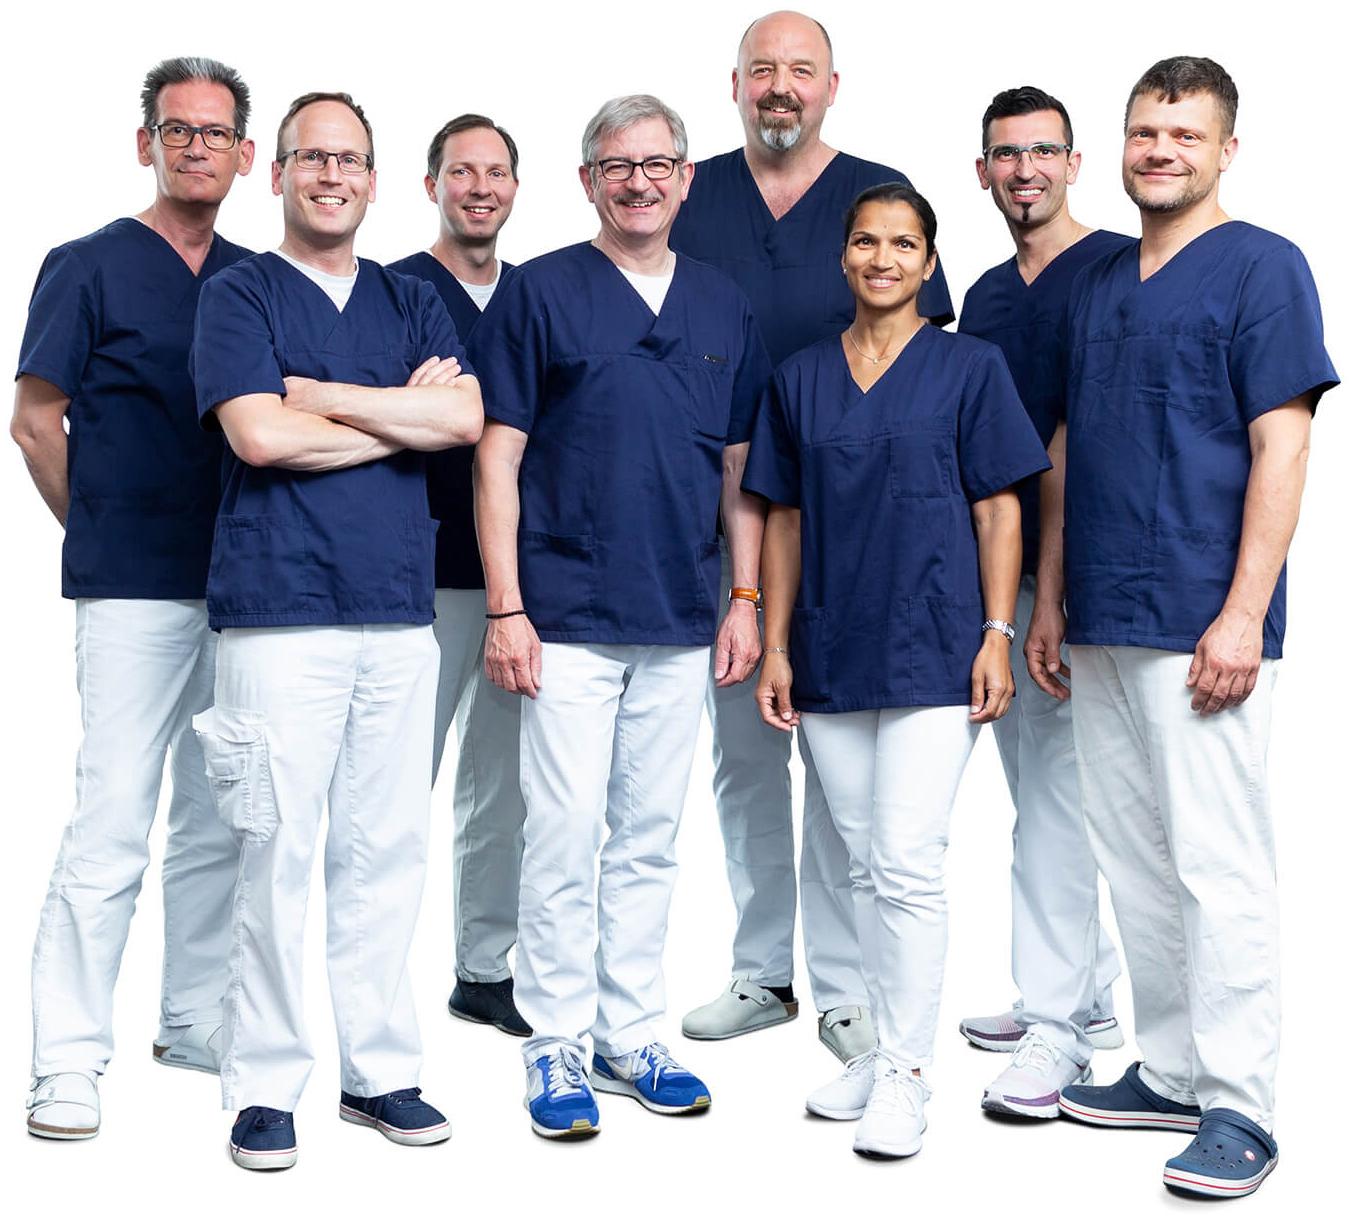 neurochirurgie-praxis-team-aerzte-offenbach-friedberg-hanau